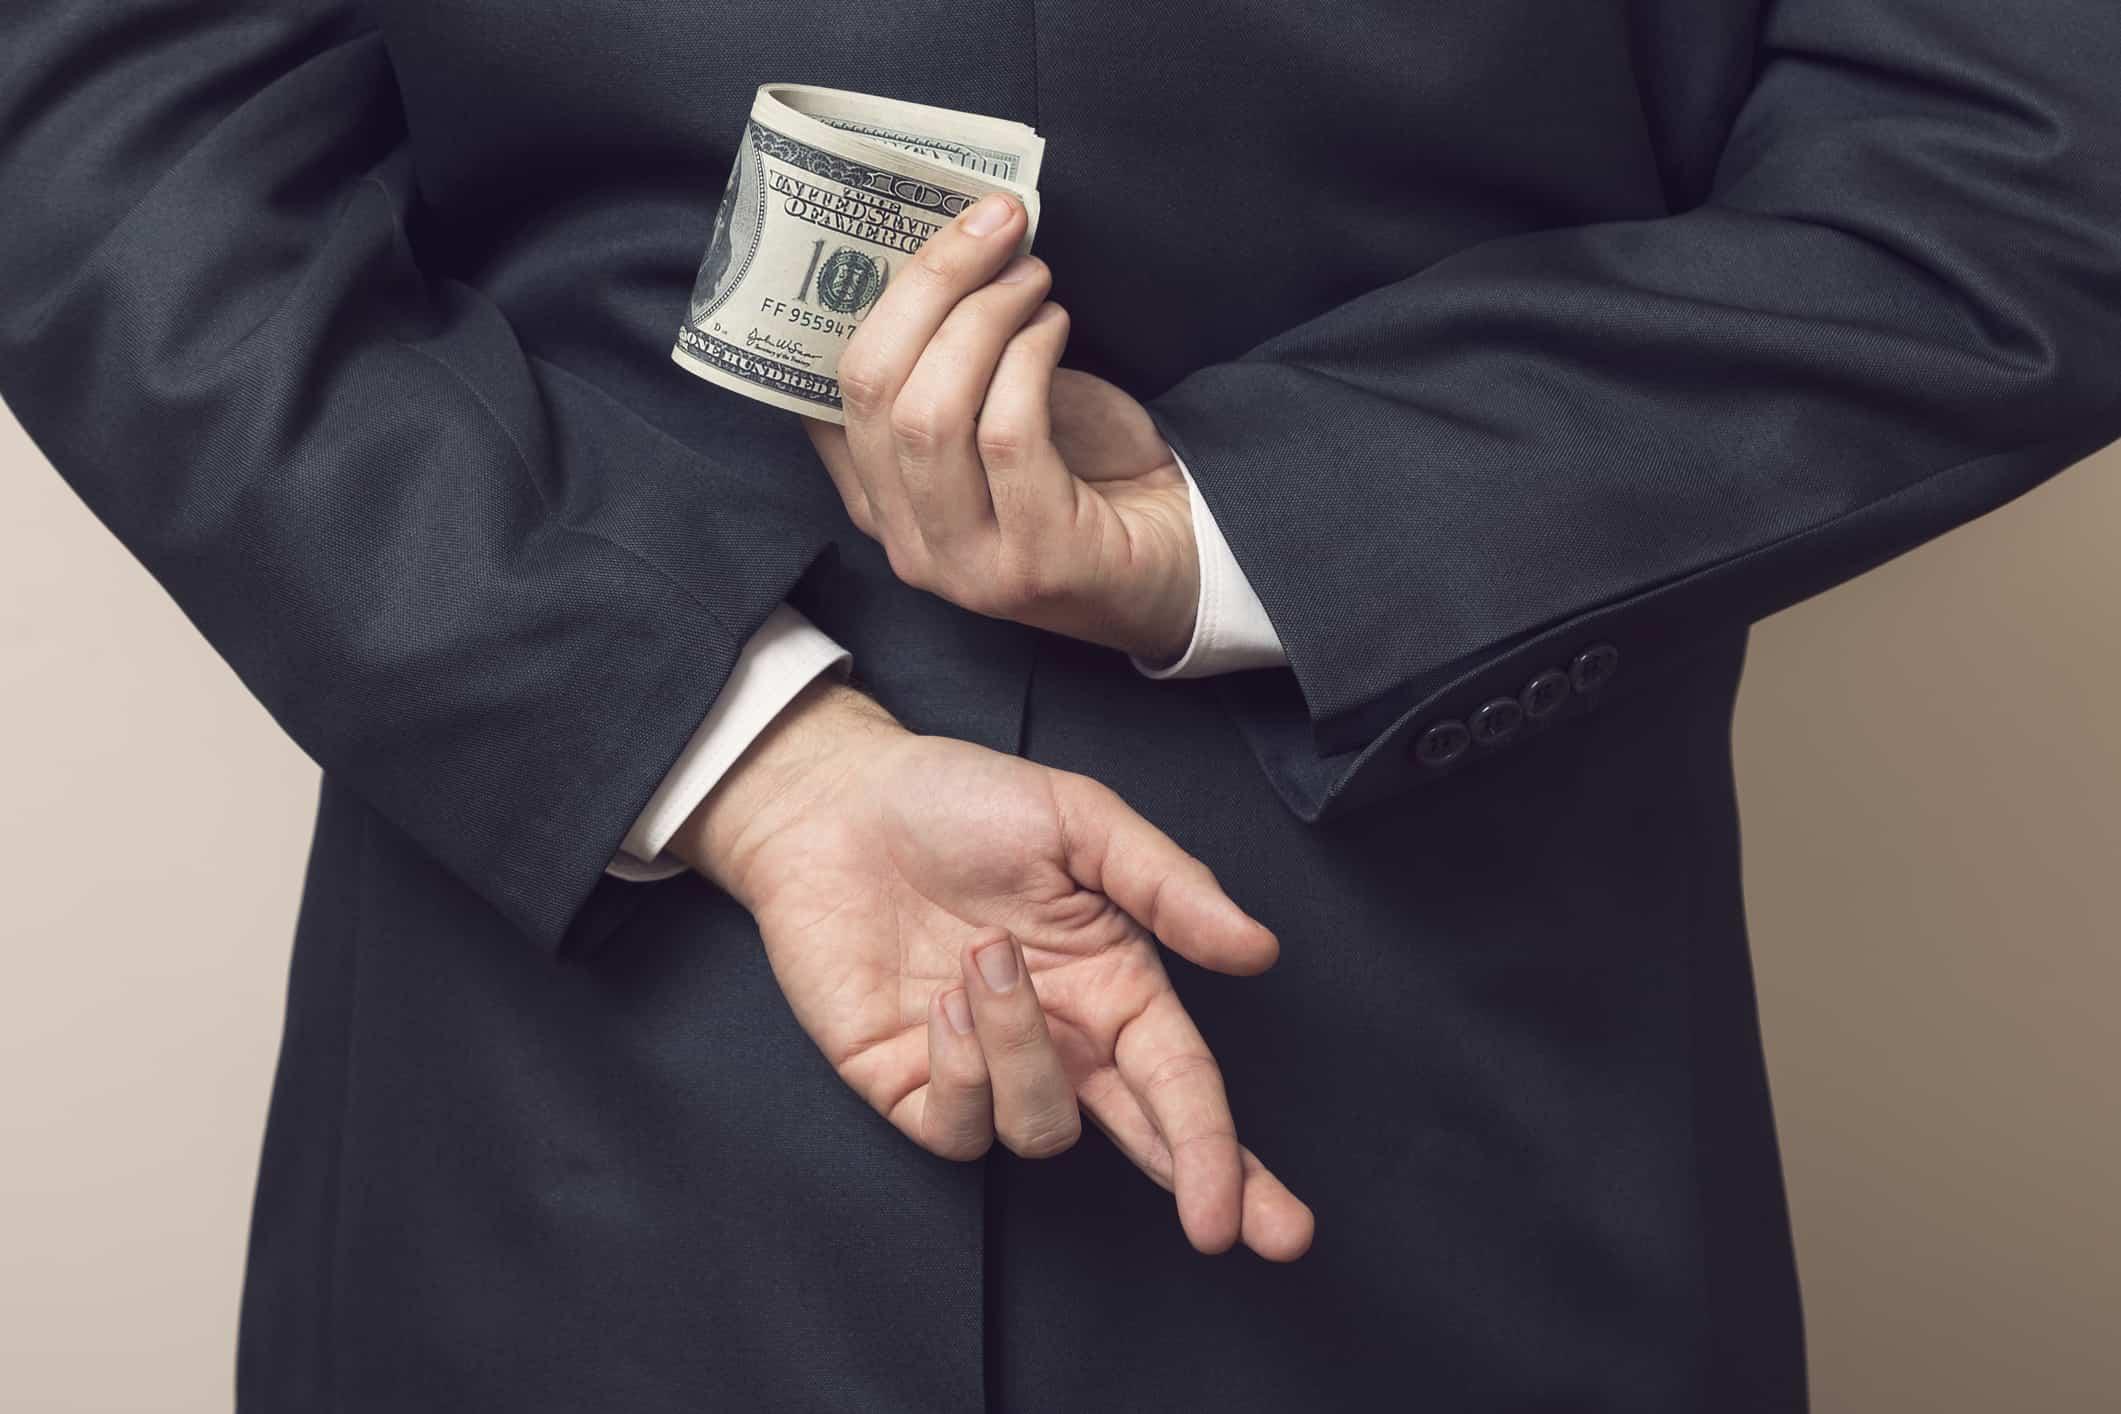 Si contrata un producto financiero, asegúrese que no se trate de un fraude